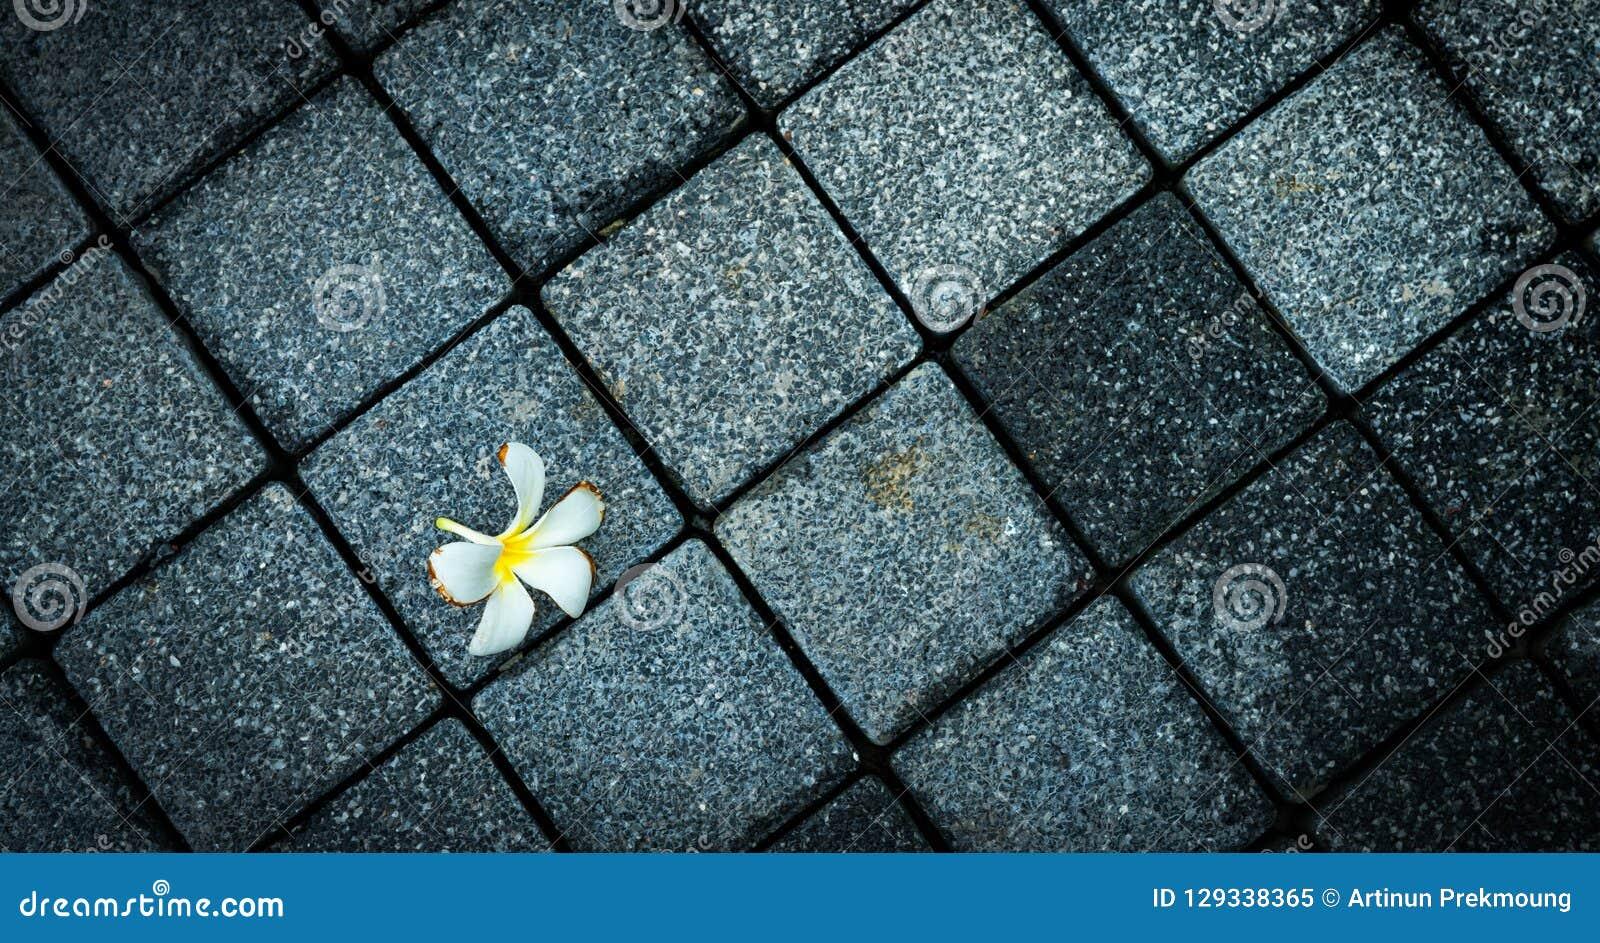 Floresça murcho na estrada concreta preta e cinzenta vazia Morreu e o fundo da morte Vista superior da flor murcho do Plumeria em